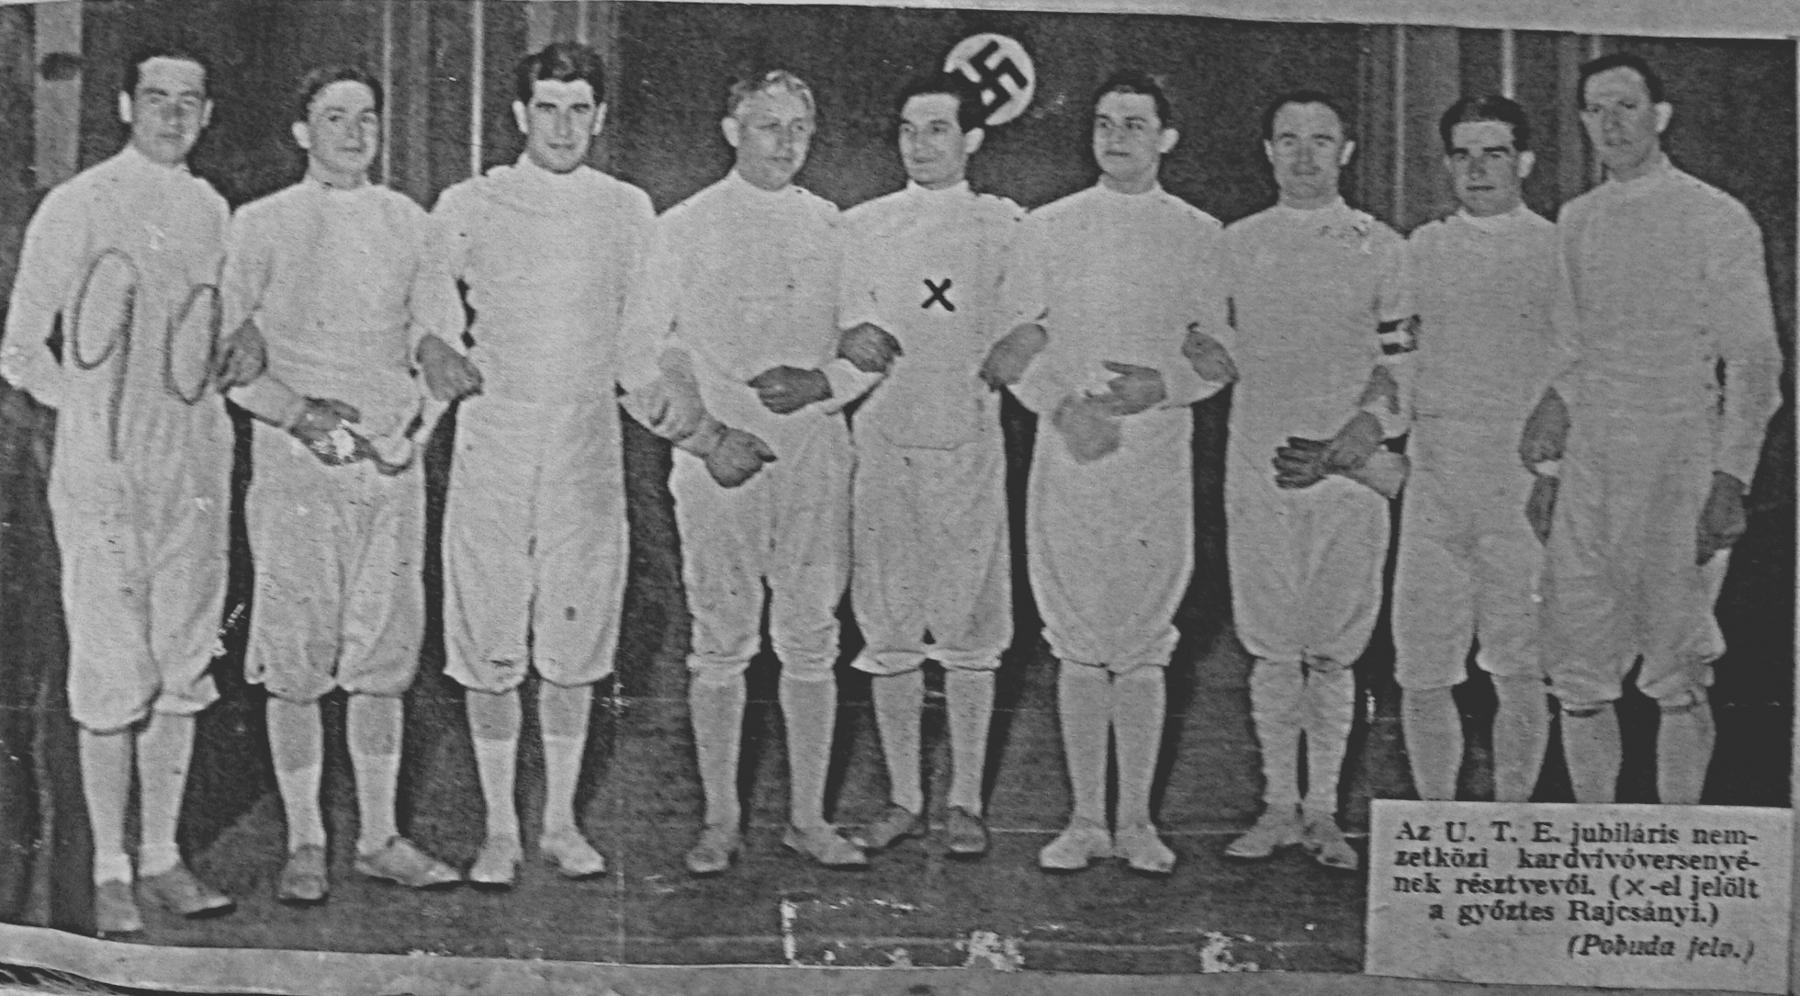 kabos-balrol-a-harmadik-az-ute-1935-os-jubileumi-nemzetkozi-kardversenyen-a-klub-fennallasanak-50-eveben